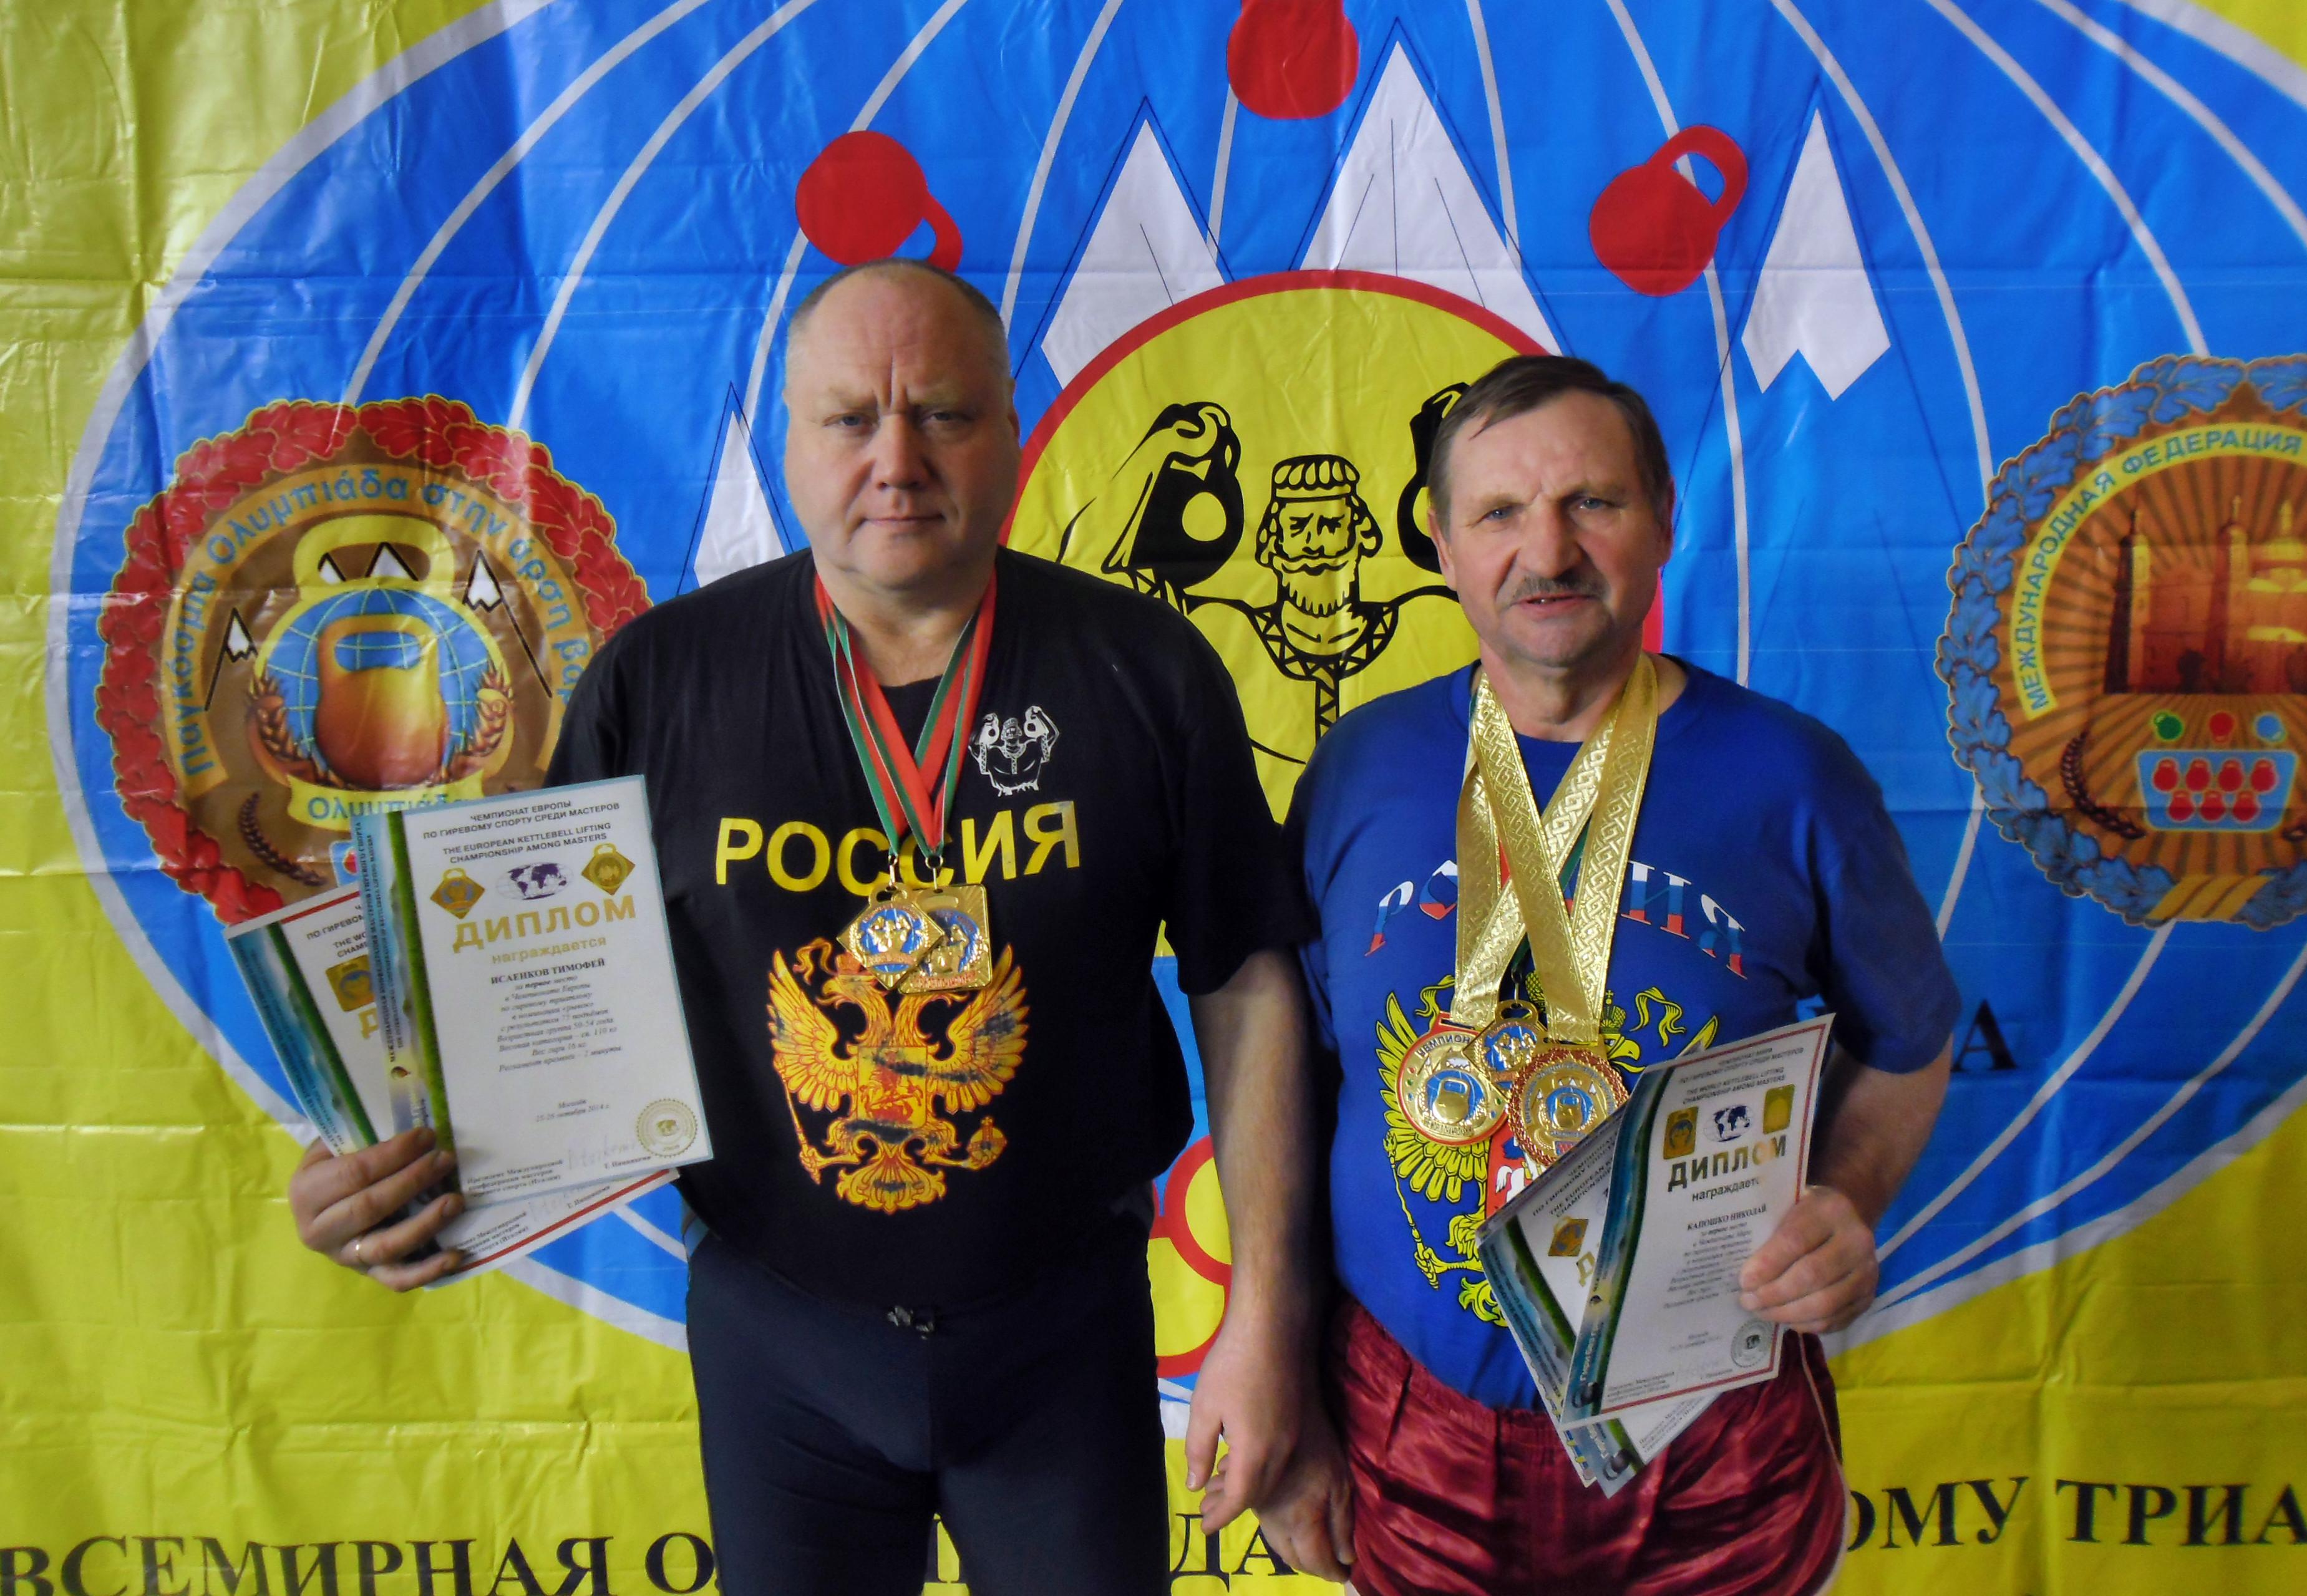 Тимофей Исаенков и Николай Капошко с наградами соревнований в Могилеве